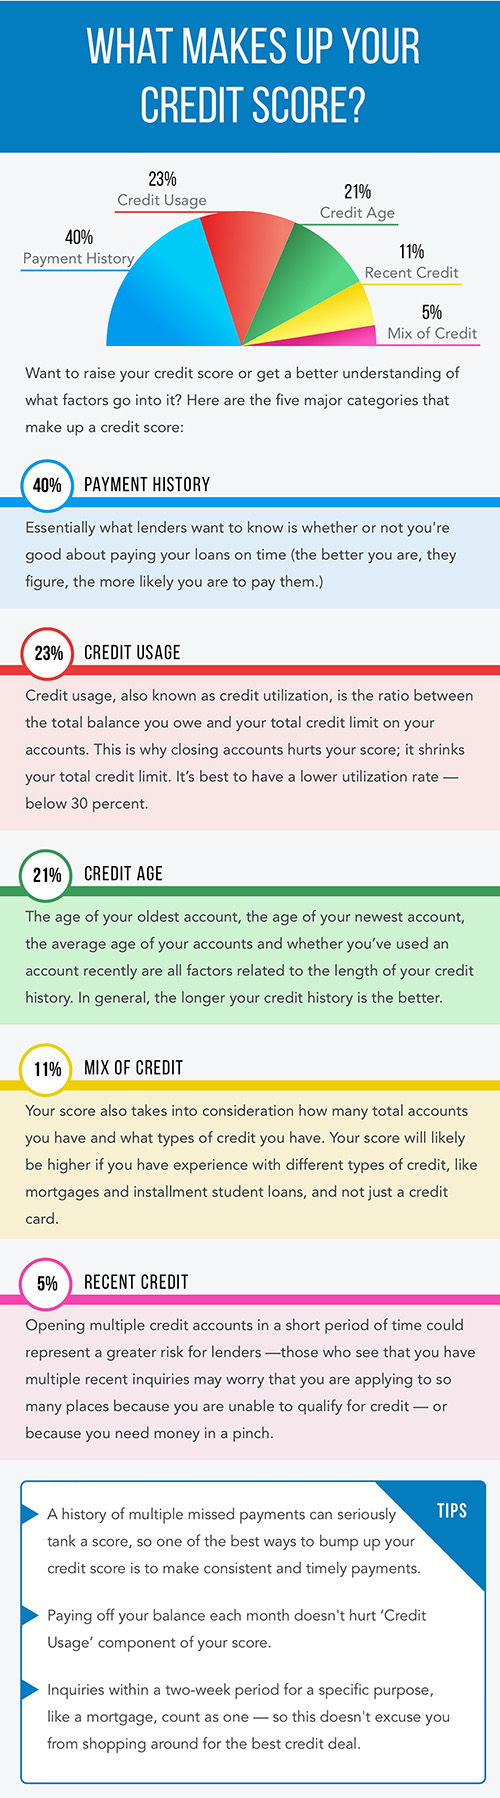 Creditsense_Creditscore